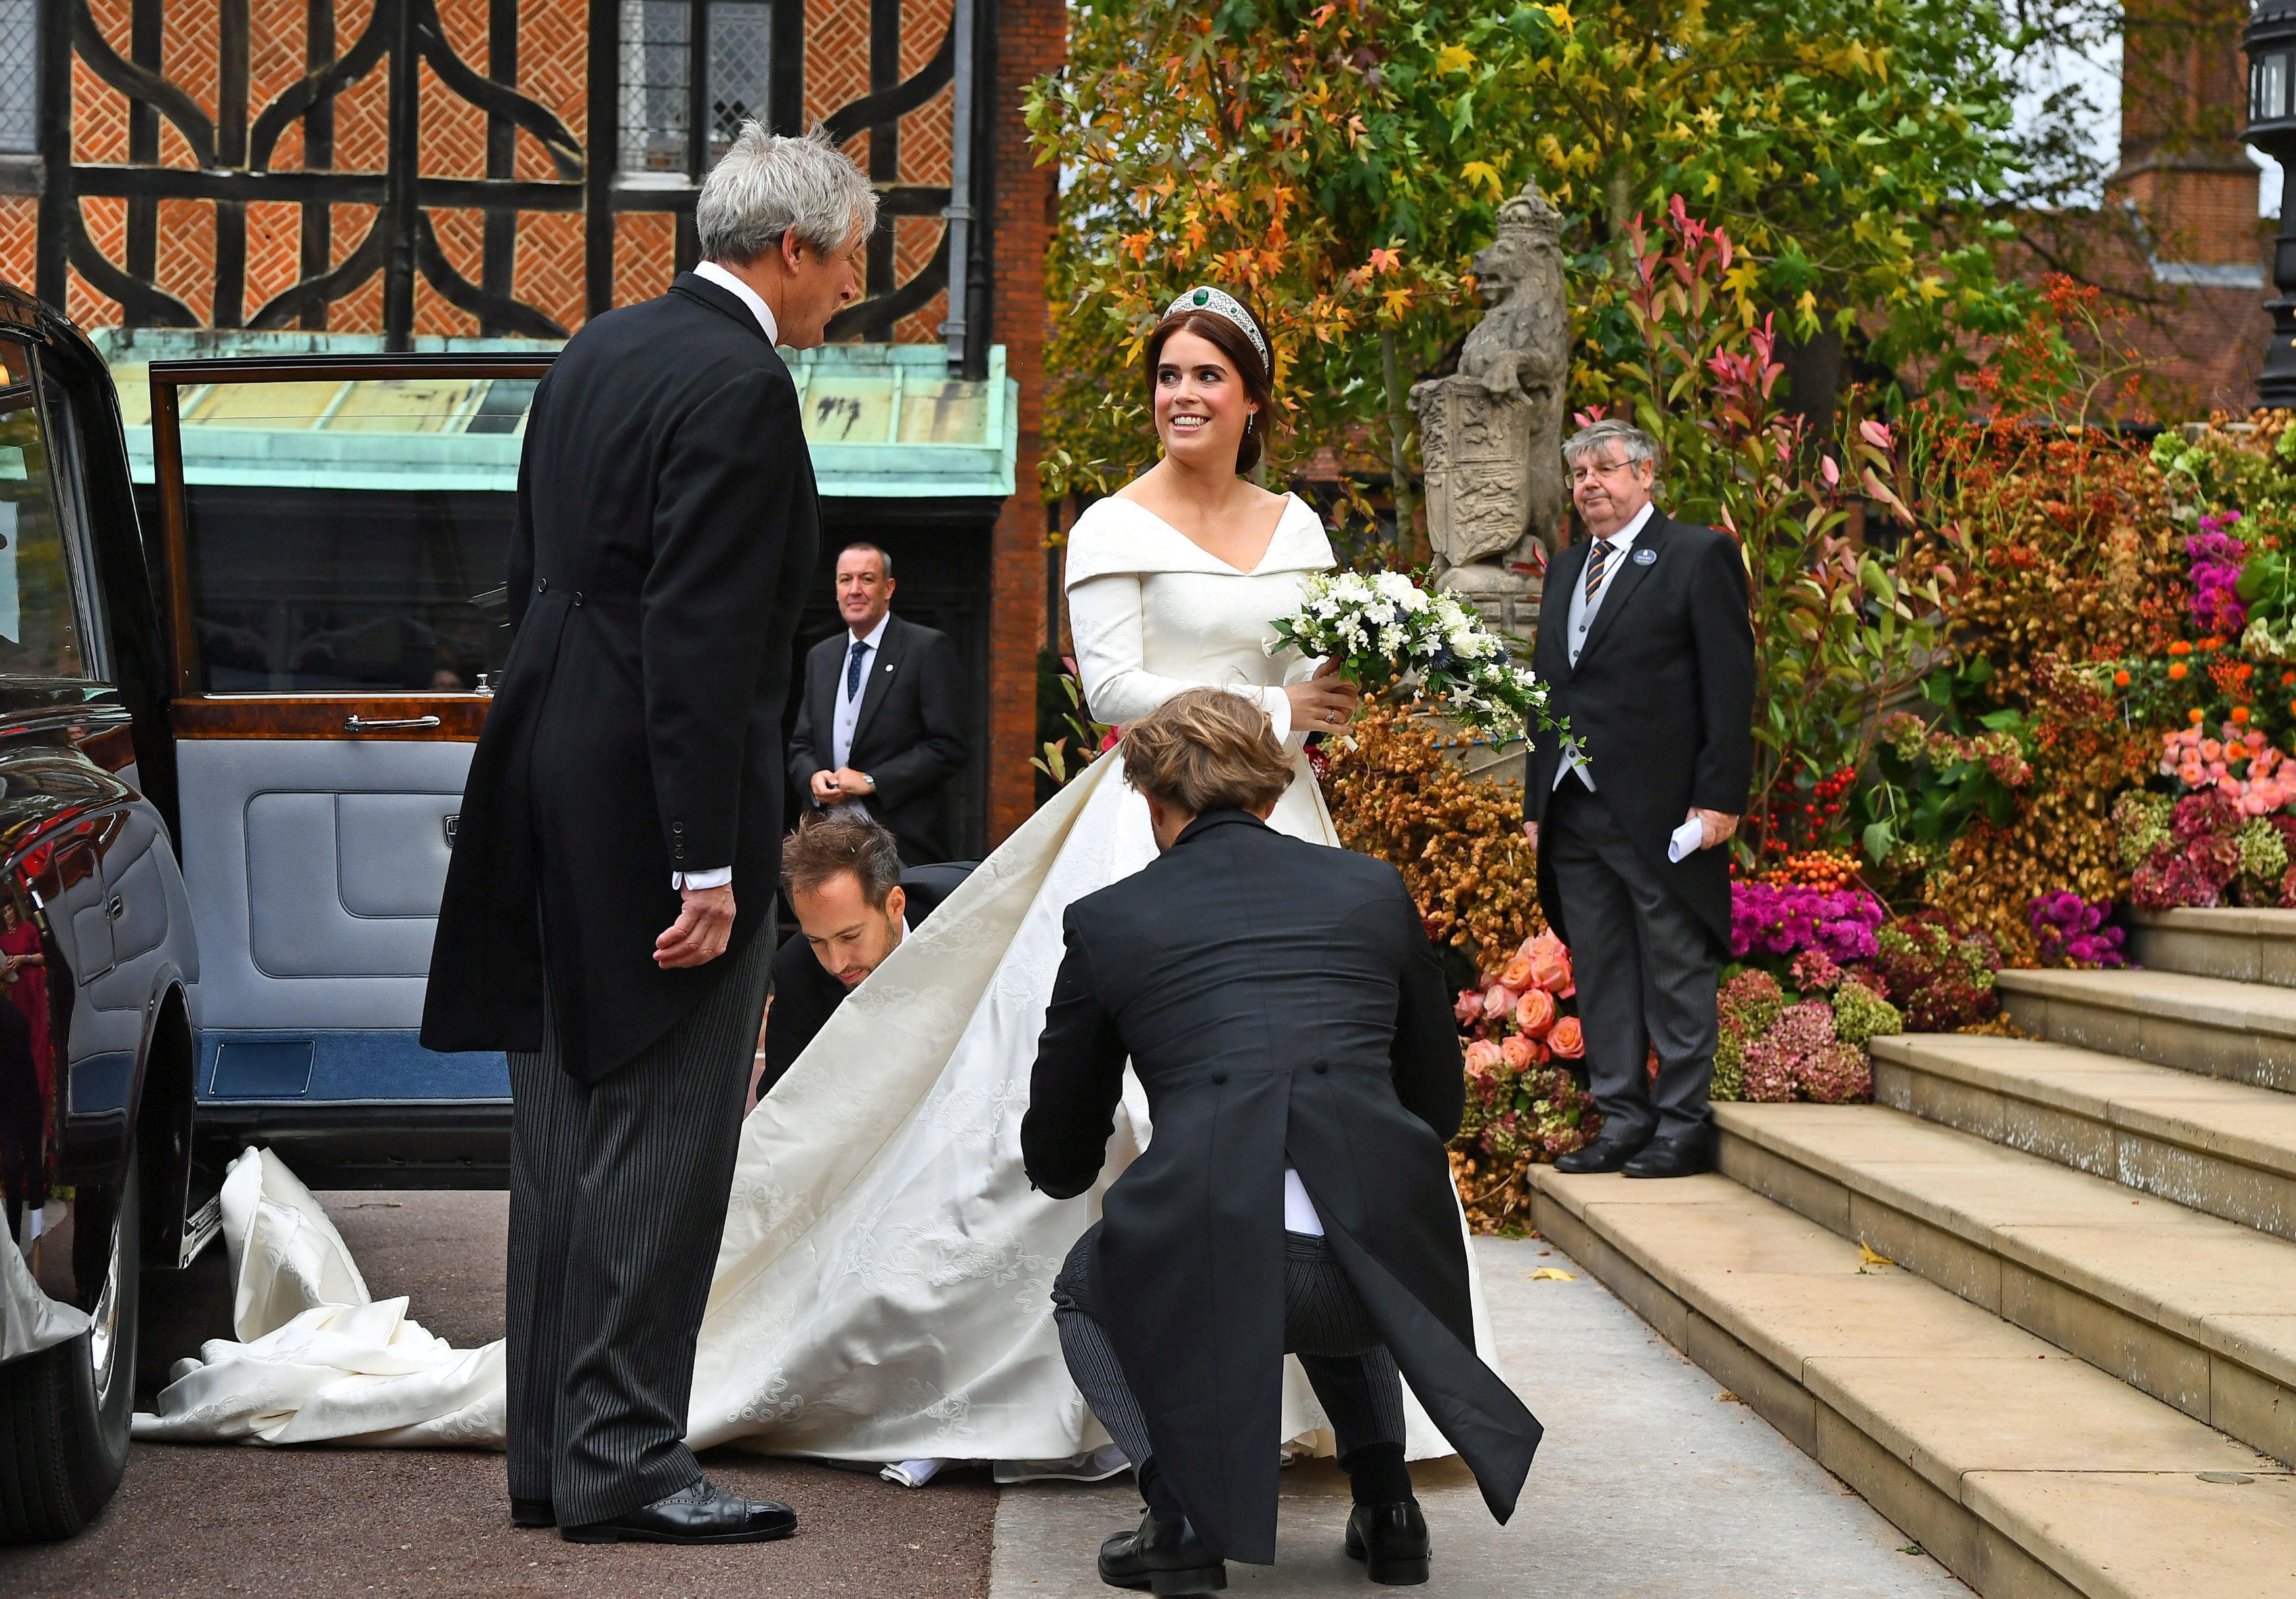 جانب من مراسم الزفاف